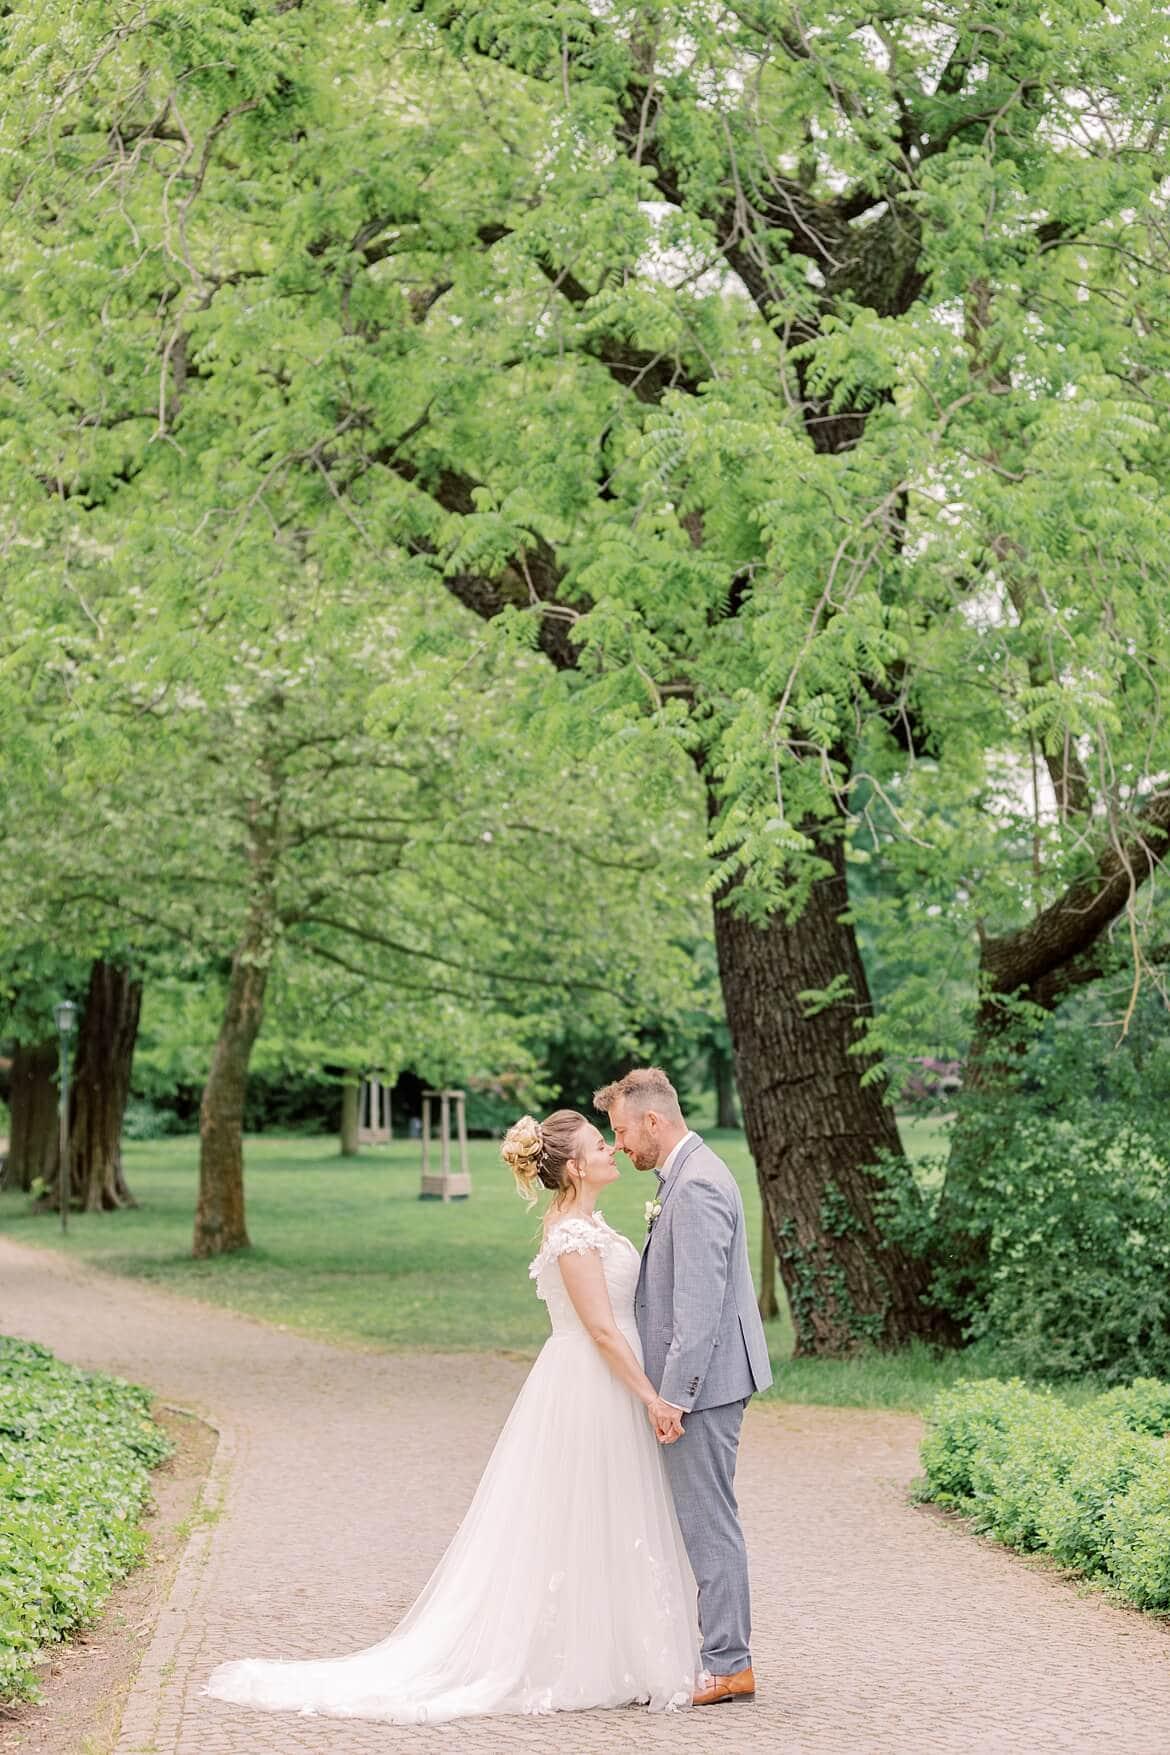 Brautpaar küsst sich im Park